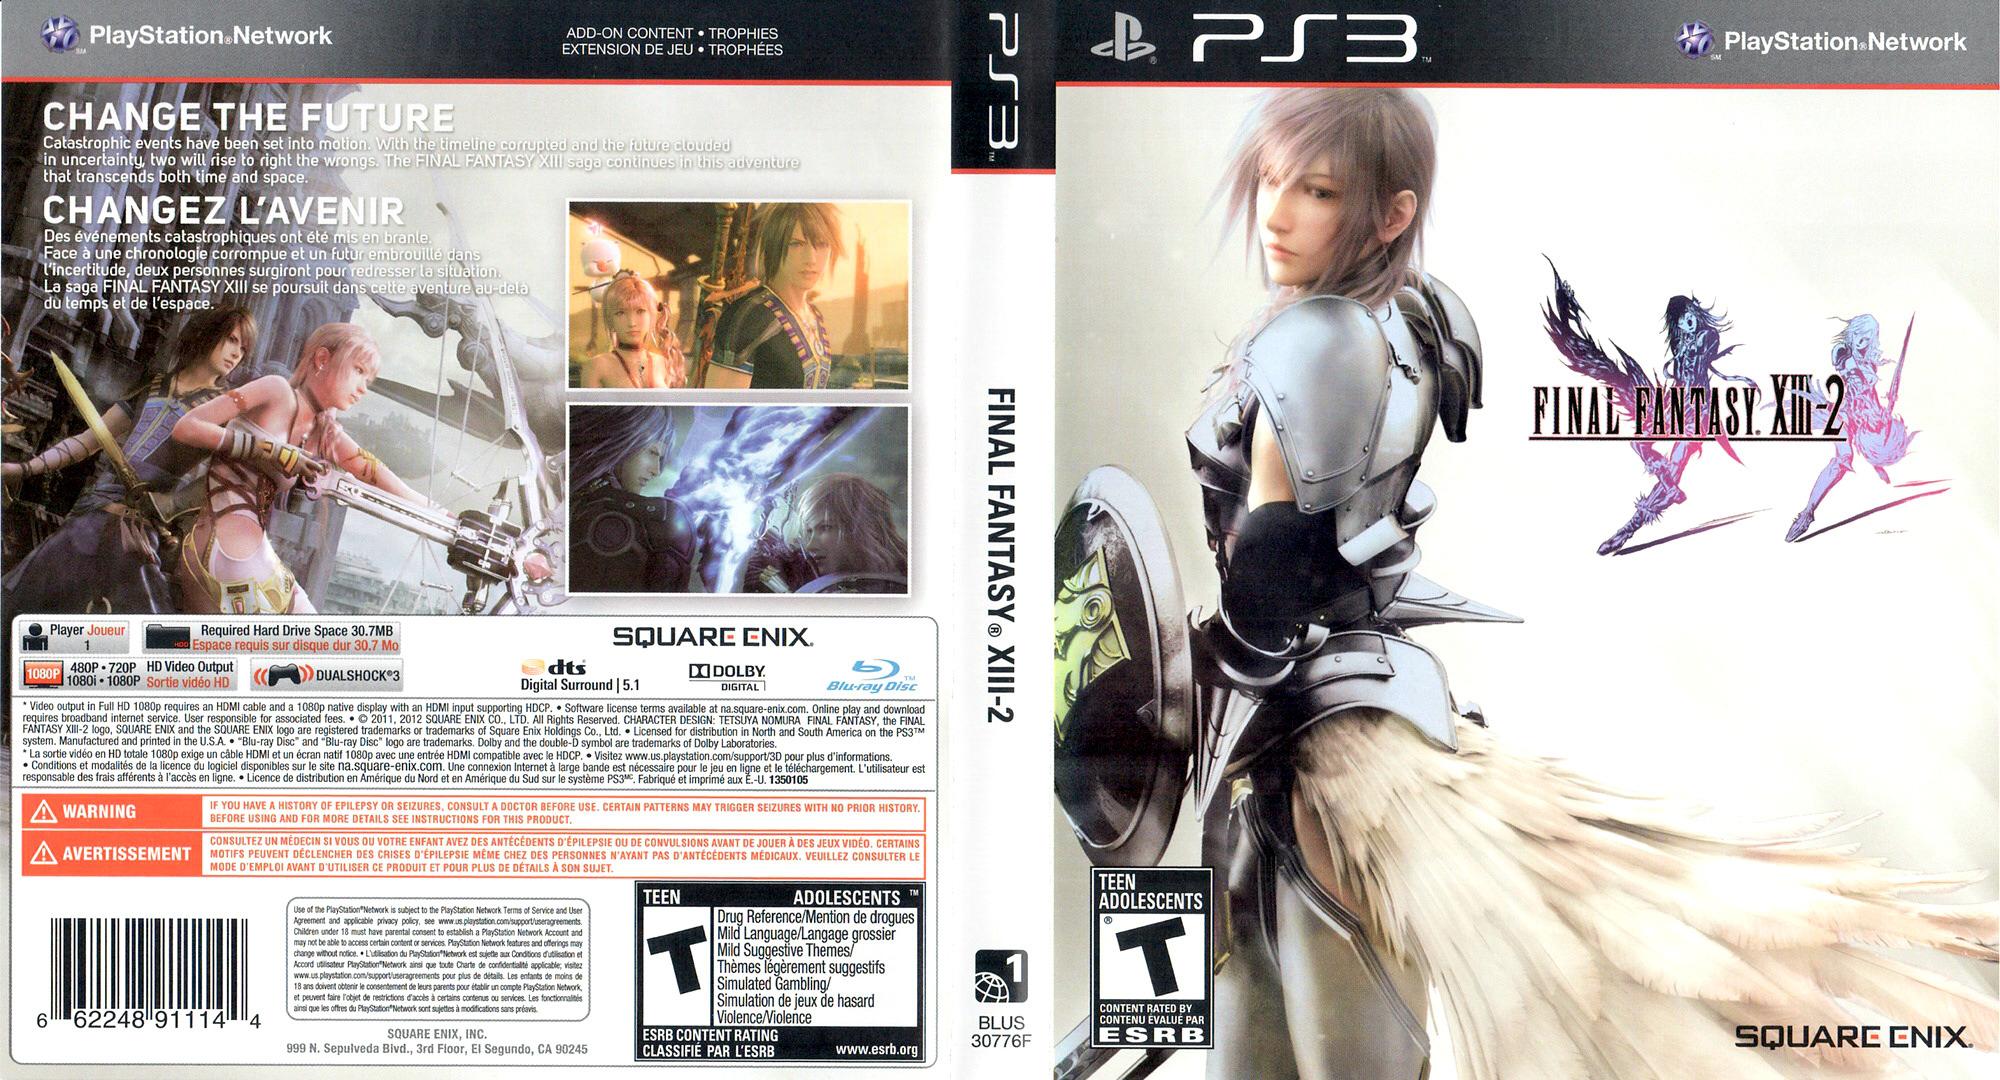 BLUS30776 - Final Fantasy XIII-2